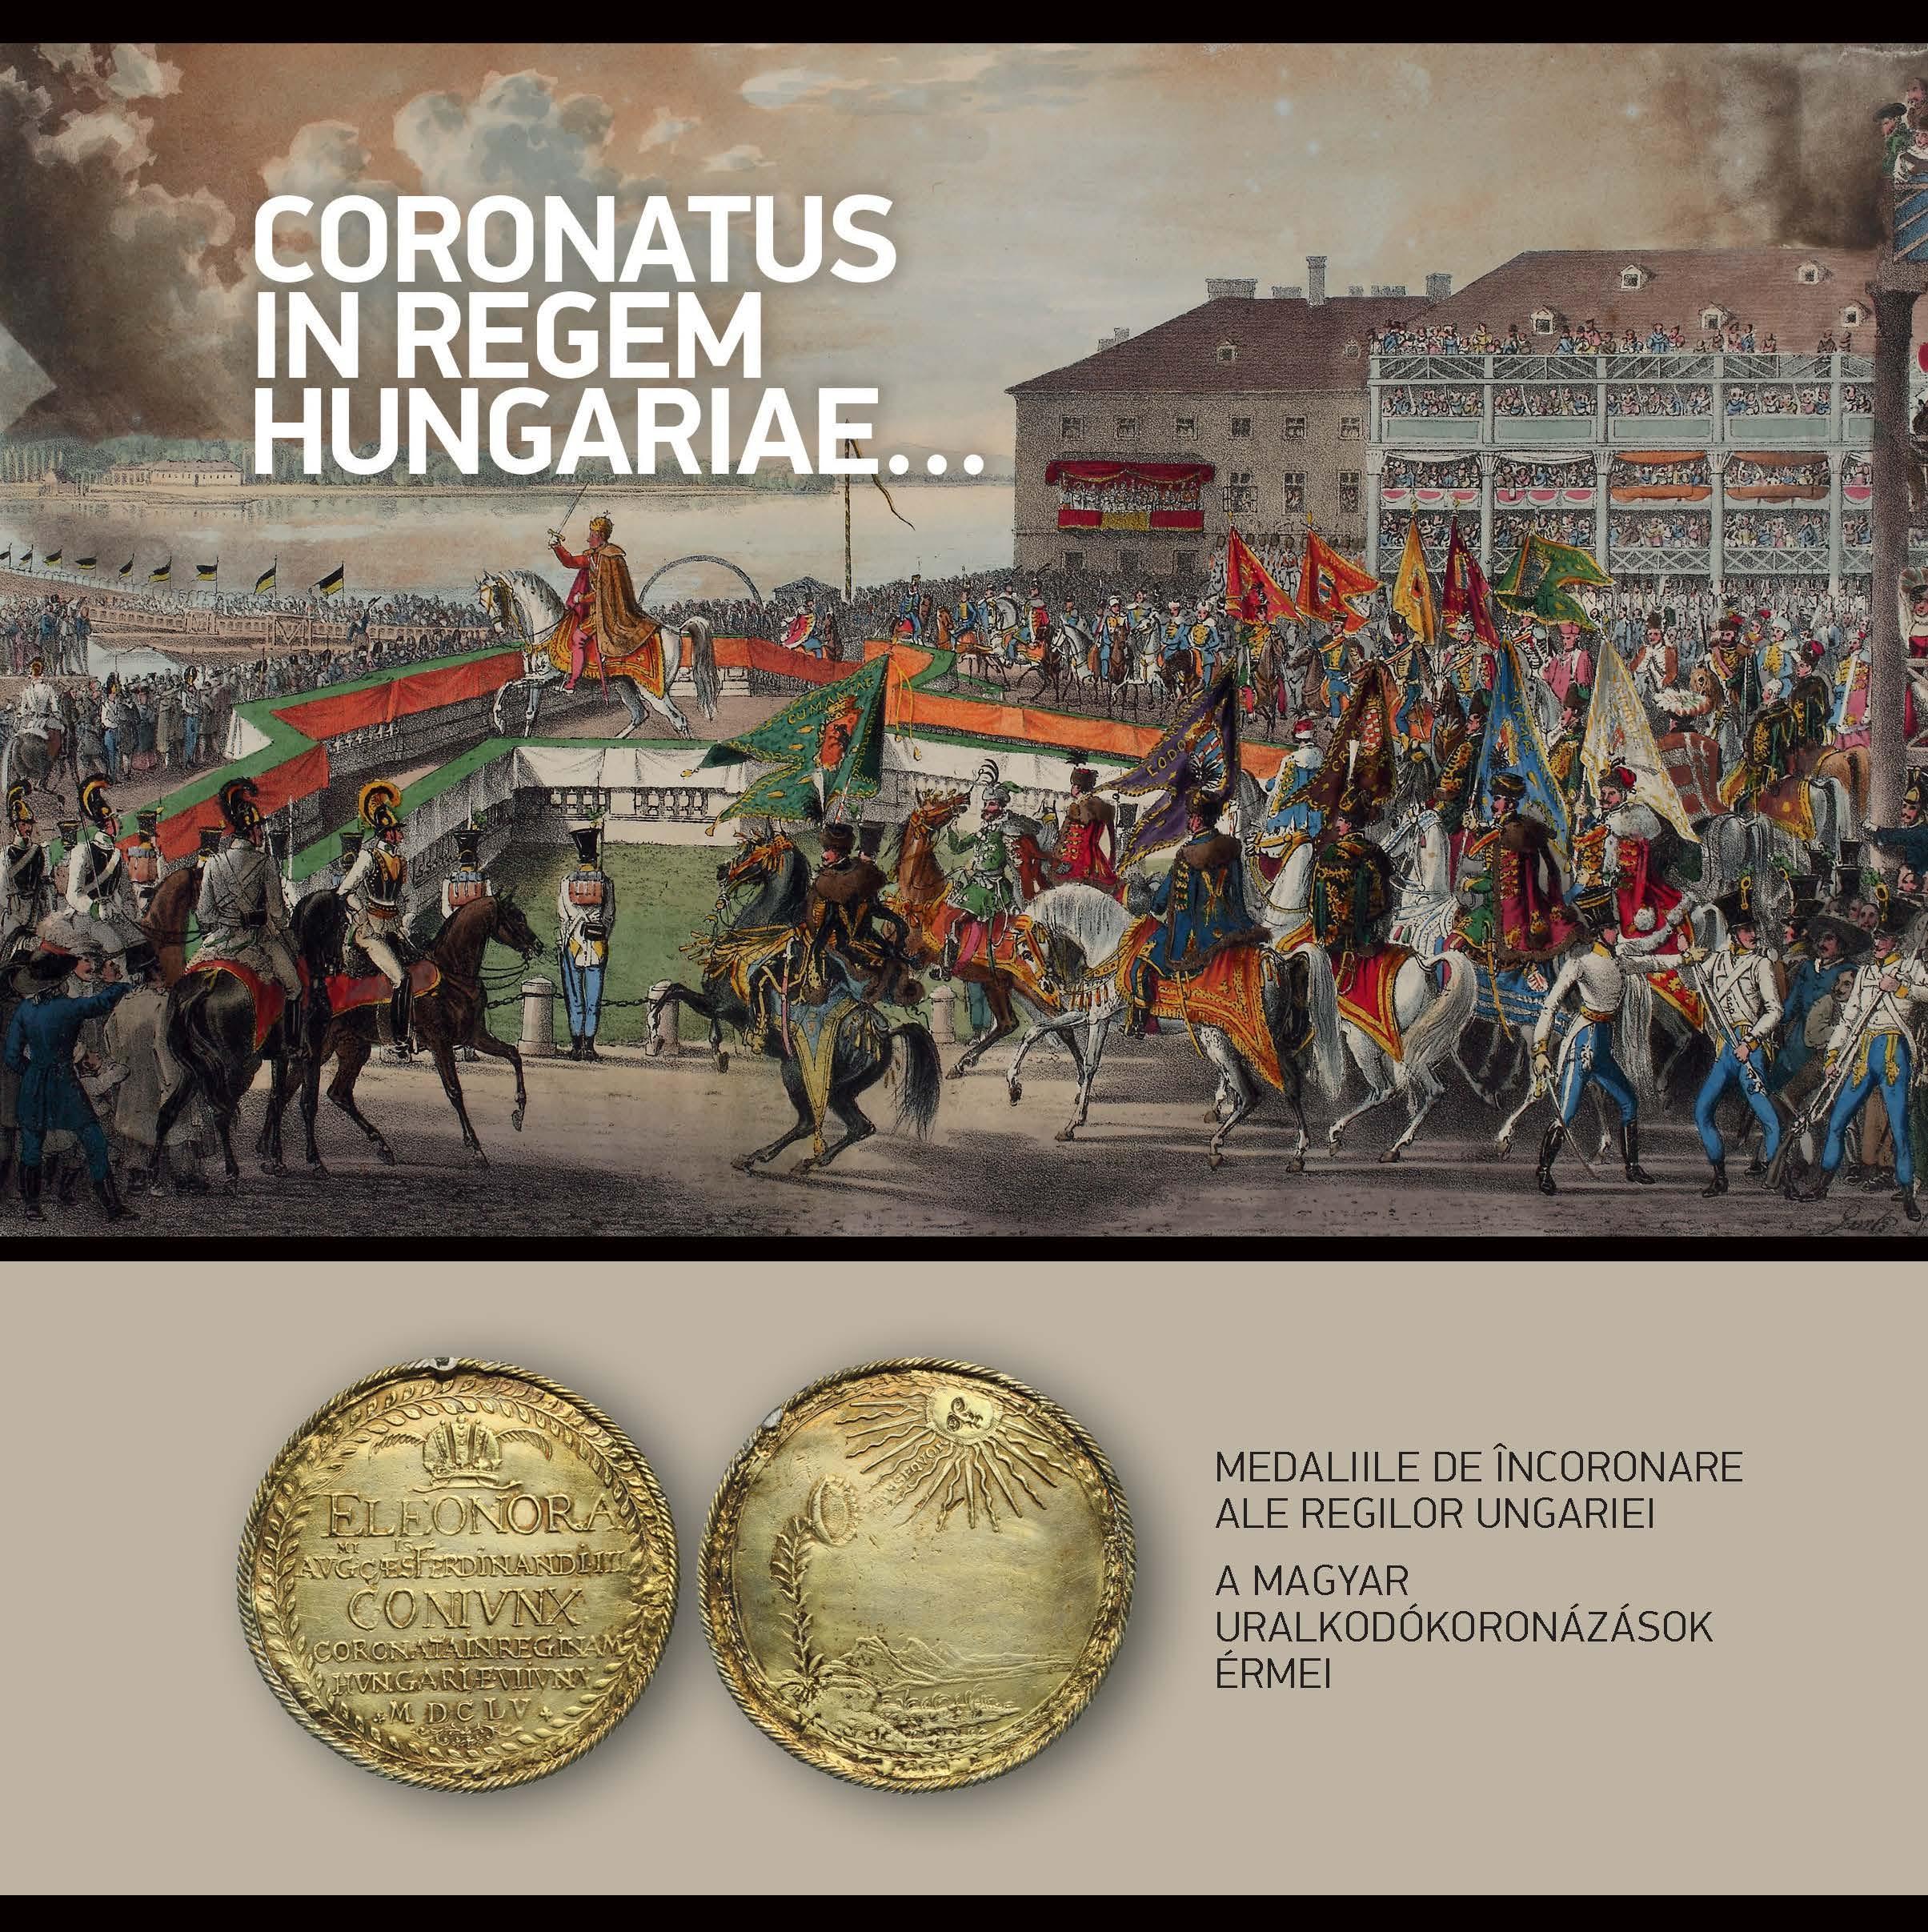 CORONATUS IN REGEM HUNGARIAE... - A MAGYAR URALKODÓKORONÁZÁSOK ÉRMEI